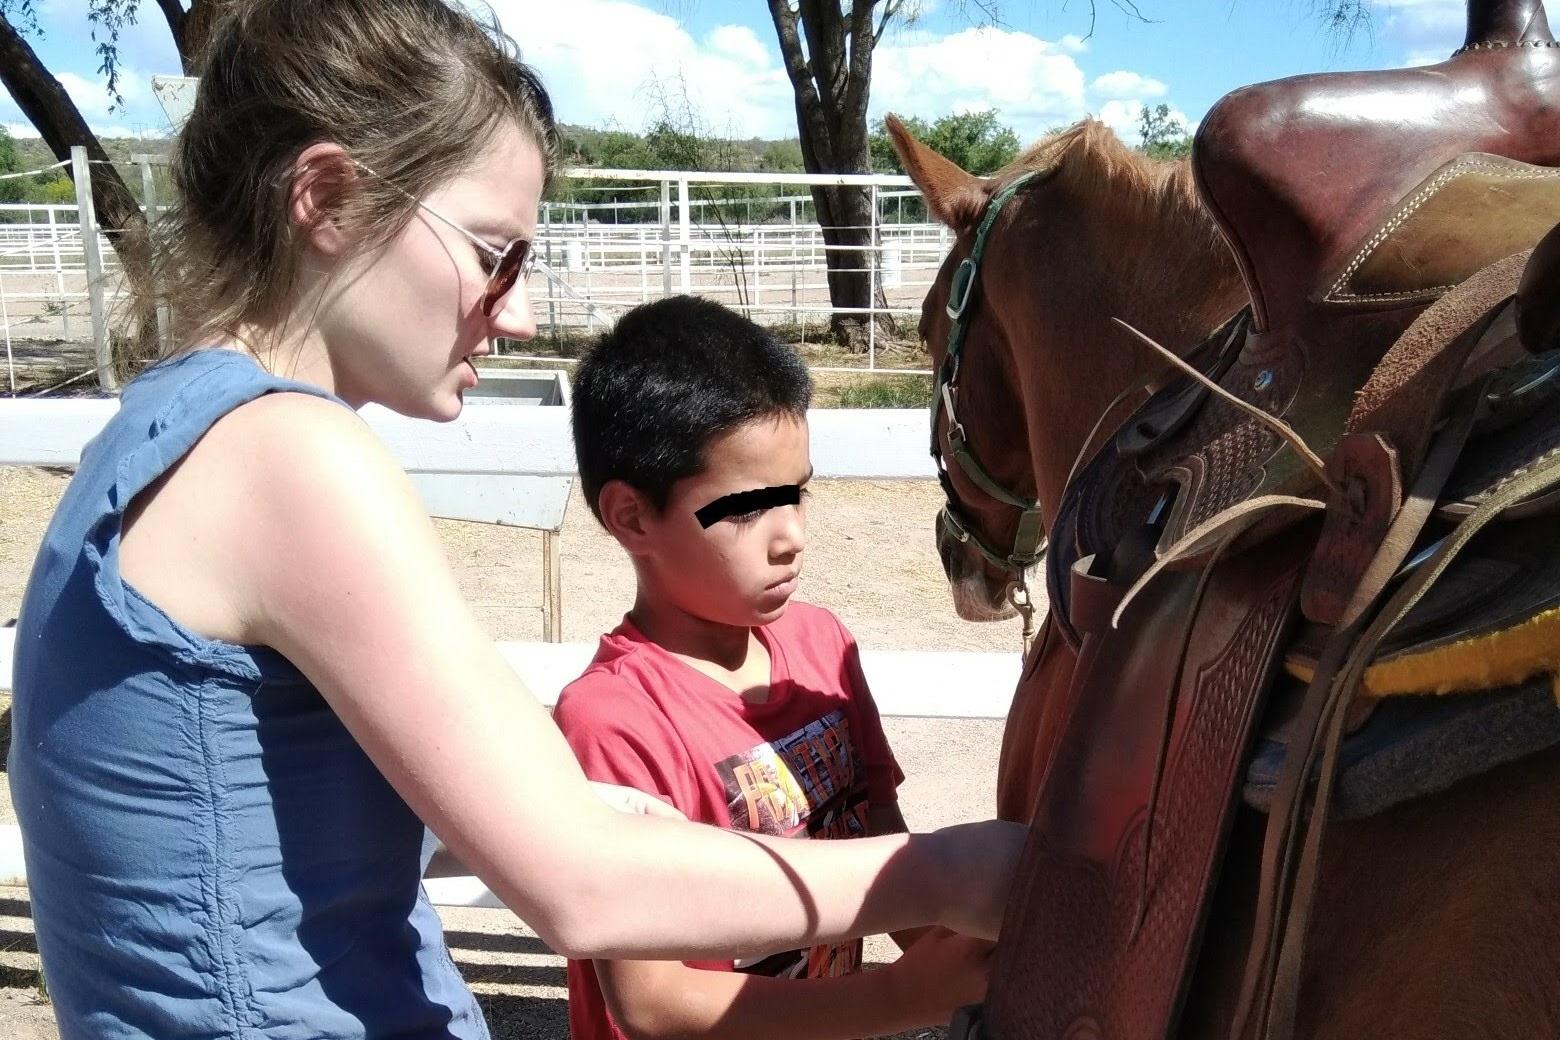 miranda+horse.jpg